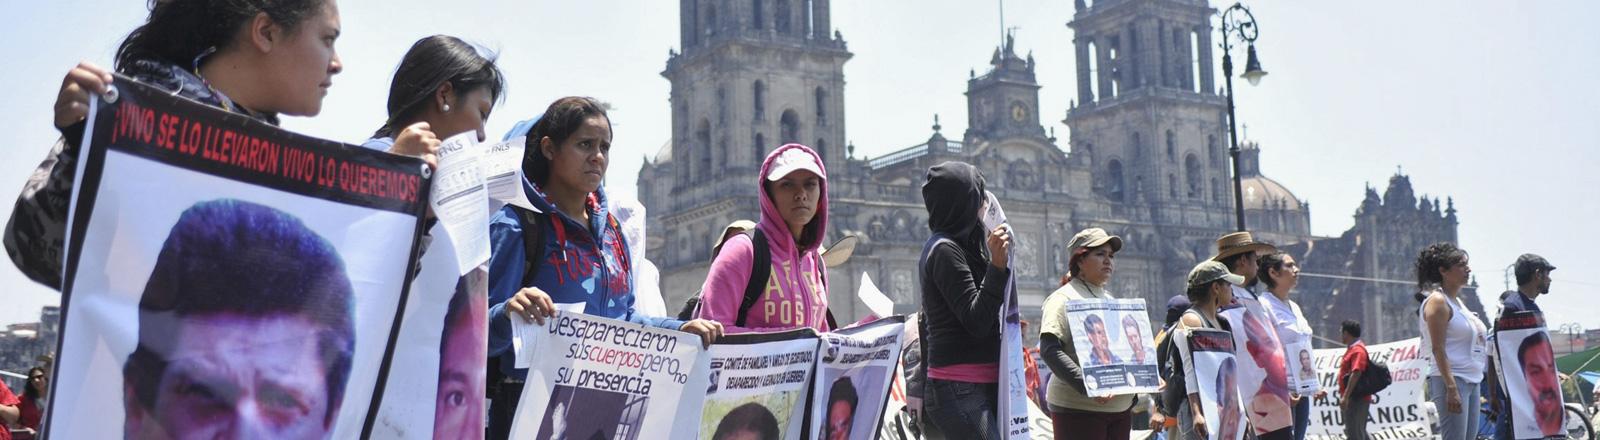 In Mexiko Stadt demonstrieren Angehörige und Menschenrechtler gegen das Verschwinden von Menschen. Sie halten Transparente in den Händen, die Bilder von Vermissten zeigen; Bild: dpa